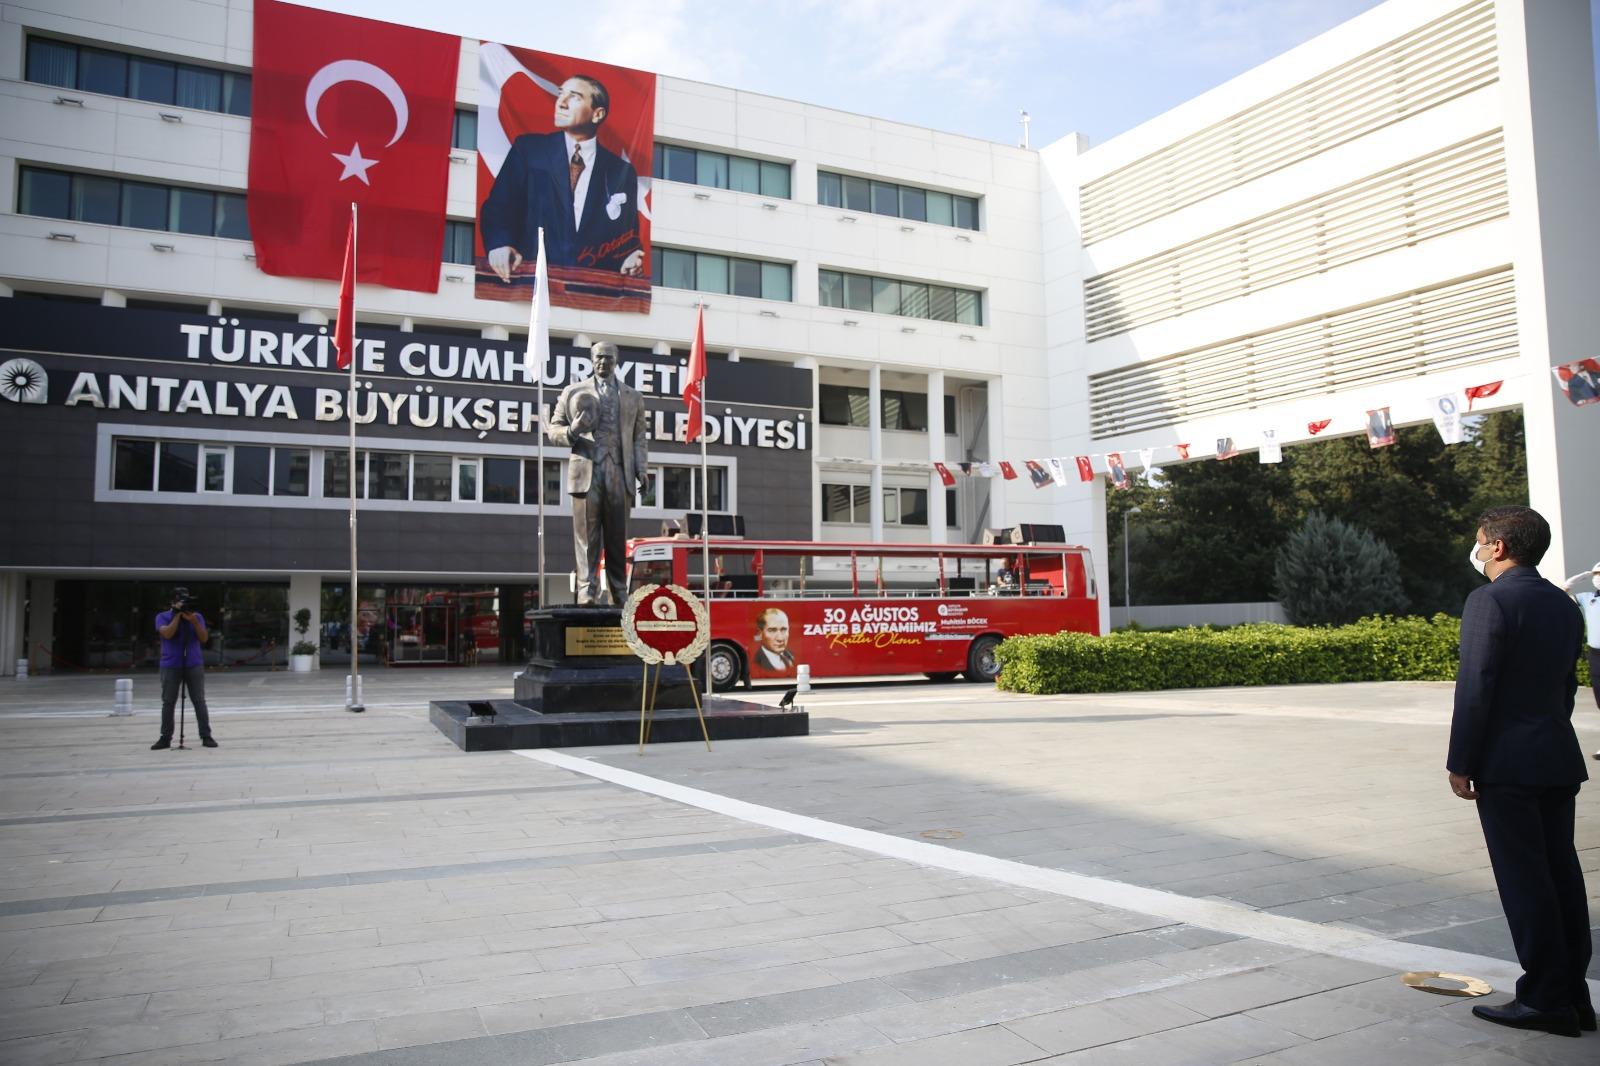 Büyükşehir Belediyesi önünde çelenk koyma töreni düzenlendi